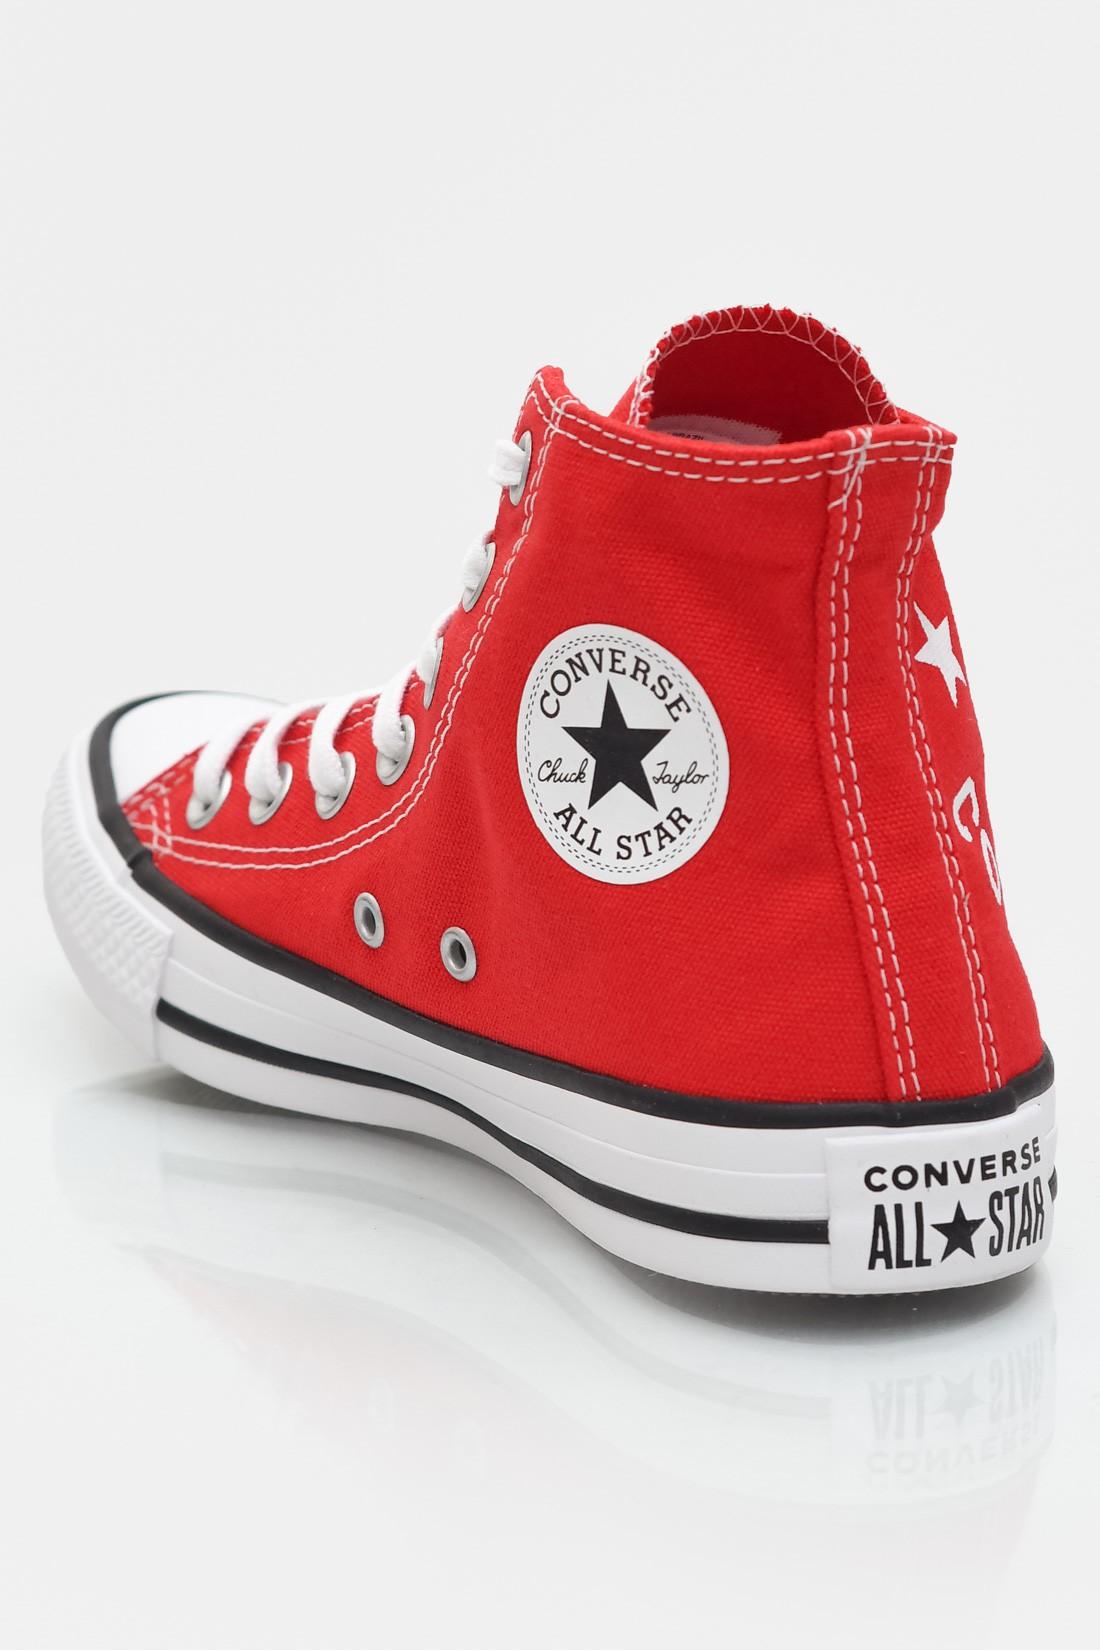 Tenis Botinha All Star Converse